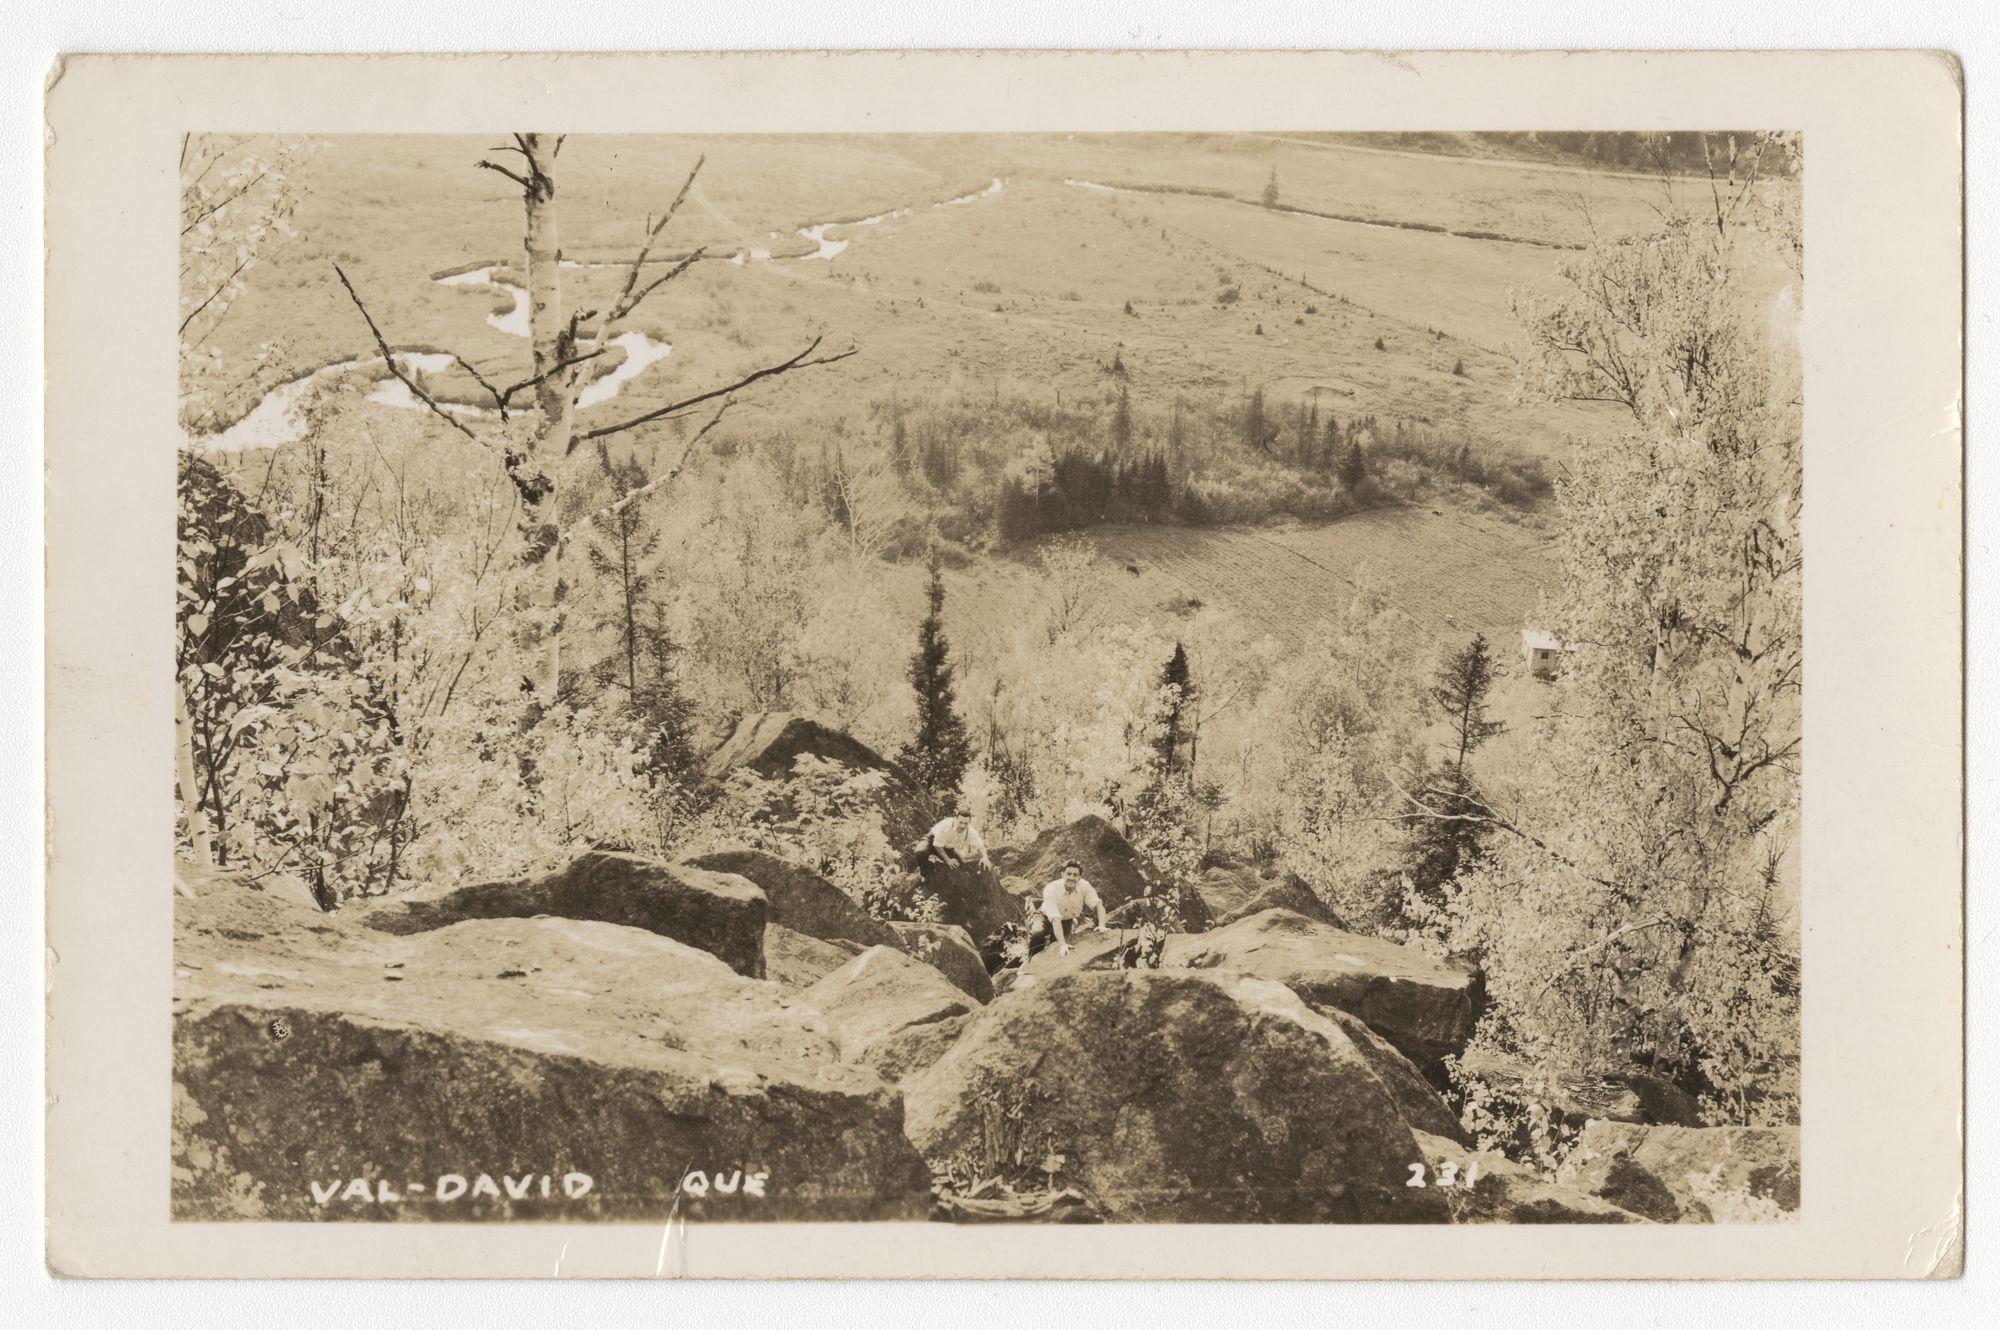 Carte postale prise en plongée depuis un sommet; deux hommes grimpent un amoncellement de rochers. En arrière-plan une partie de la vallée de Val-David.